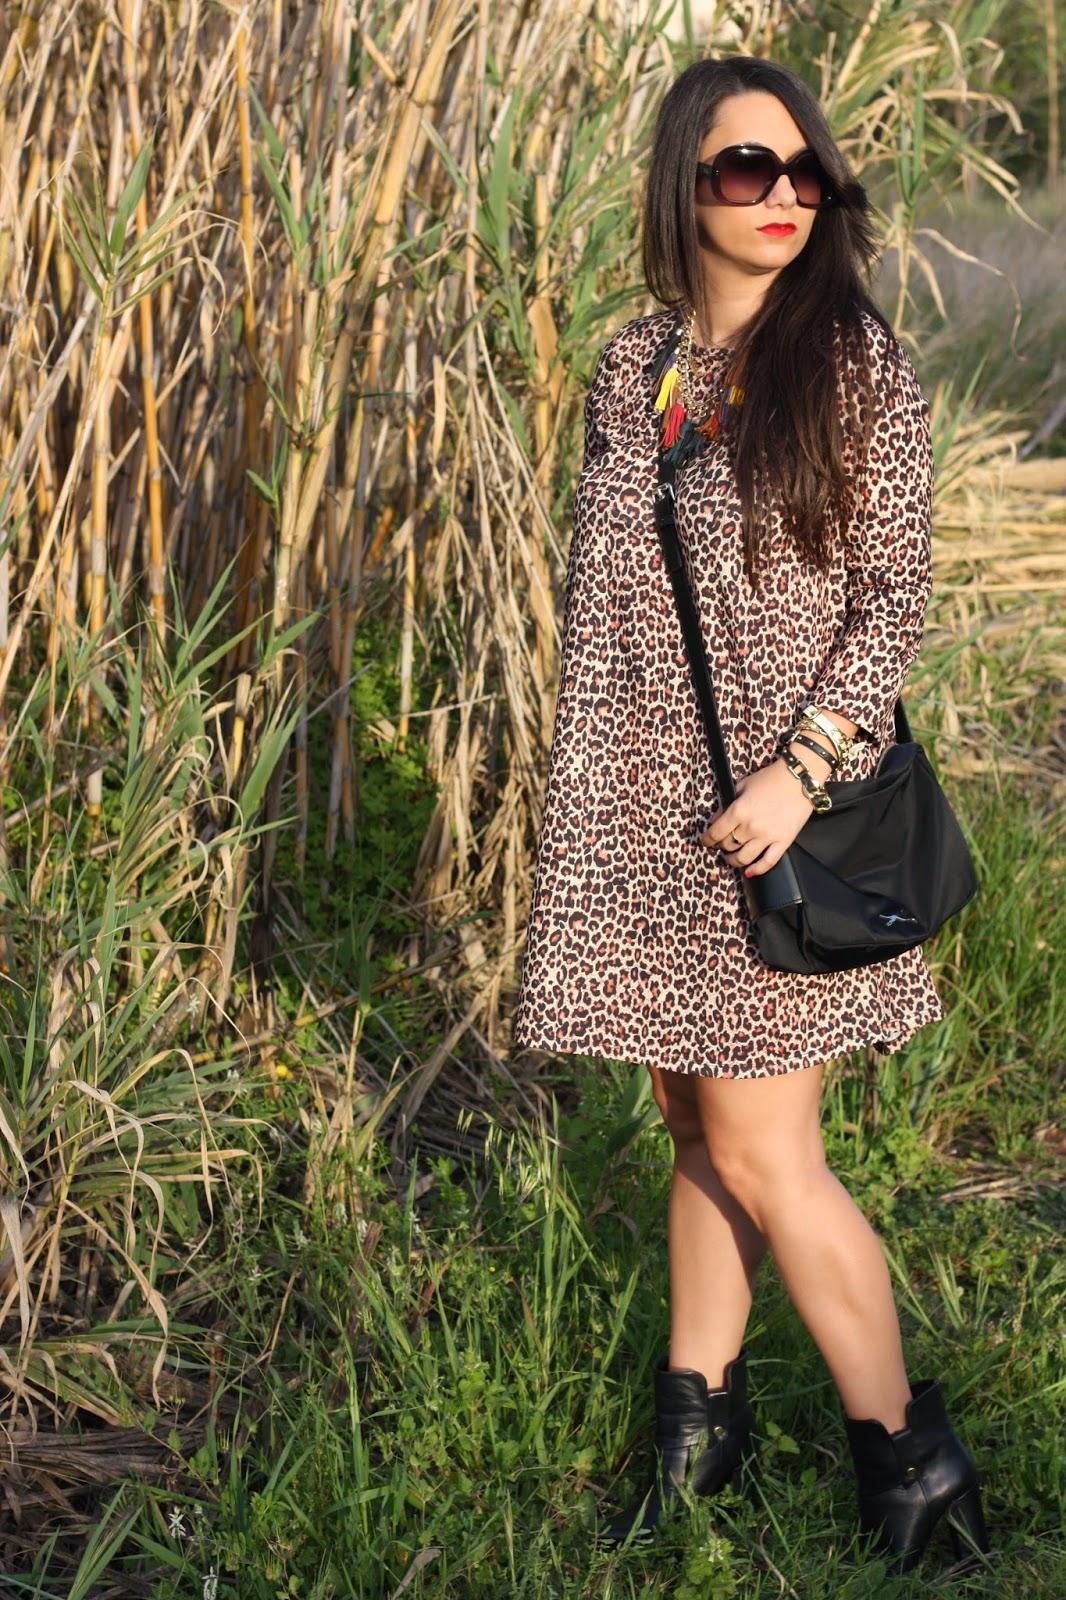 http://silviparalasamigas.blogspot.com.es/2015/04/vestido-evase-leopardo.html